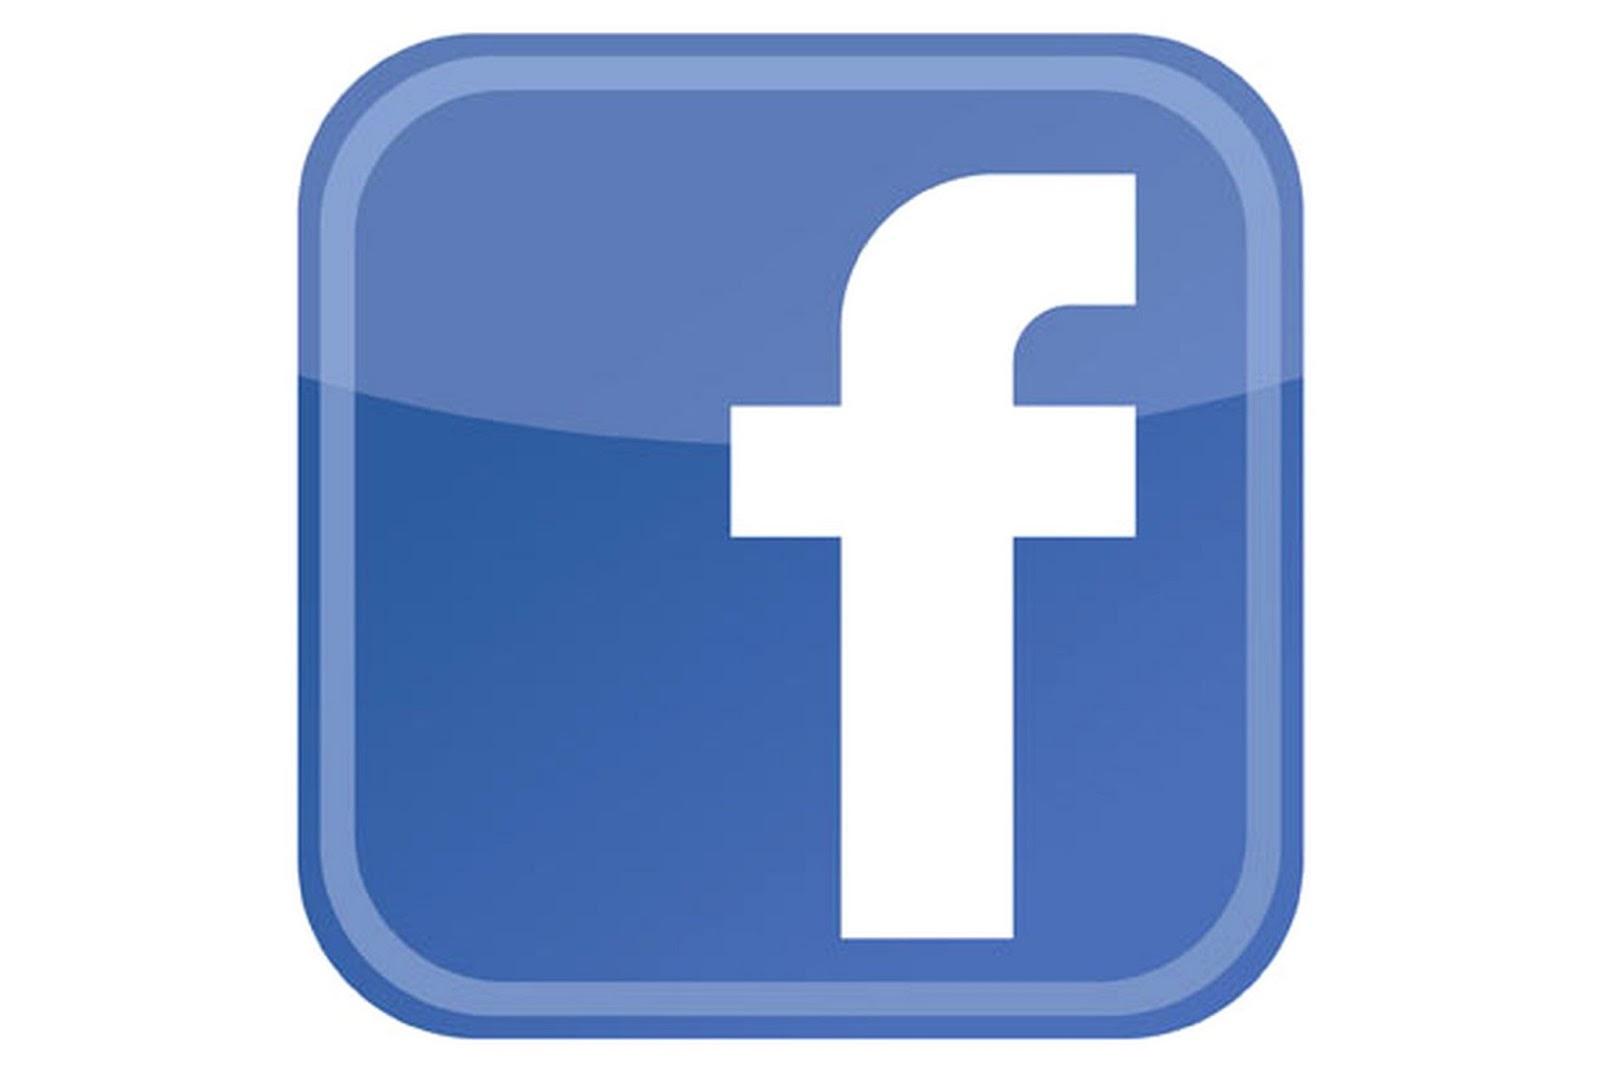 Cara Membuat Kartu Tanda Facebook (KTF) - Kios Mohsen's